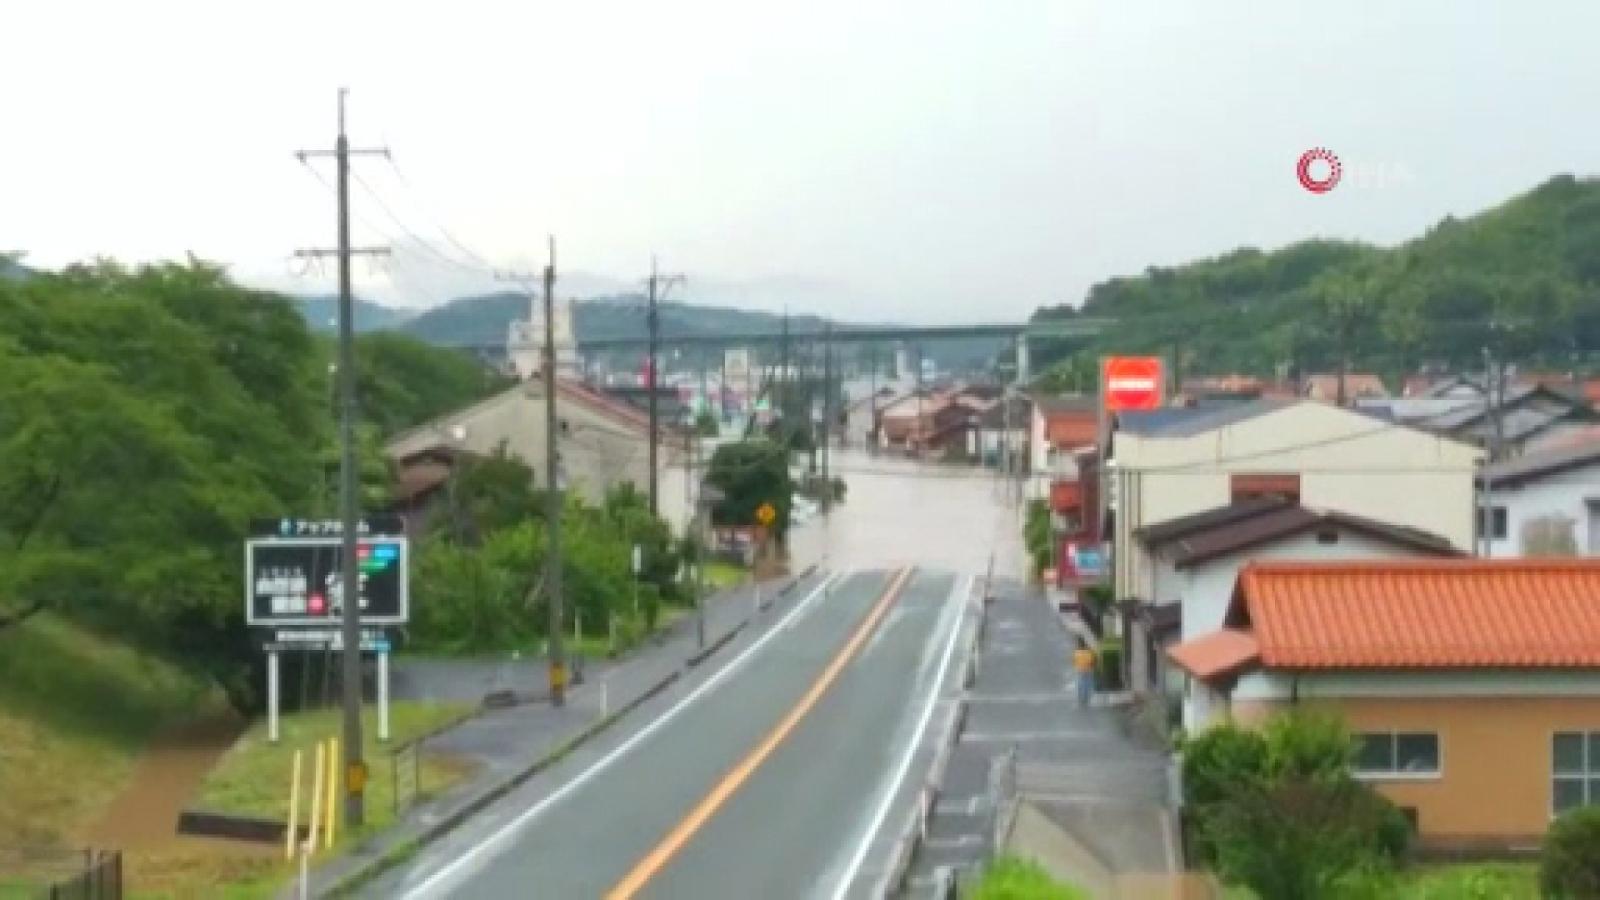 Japonya'da Sel Felaketi Nedeniyle Binlerce Kişiye Tahliye Emri Verildi